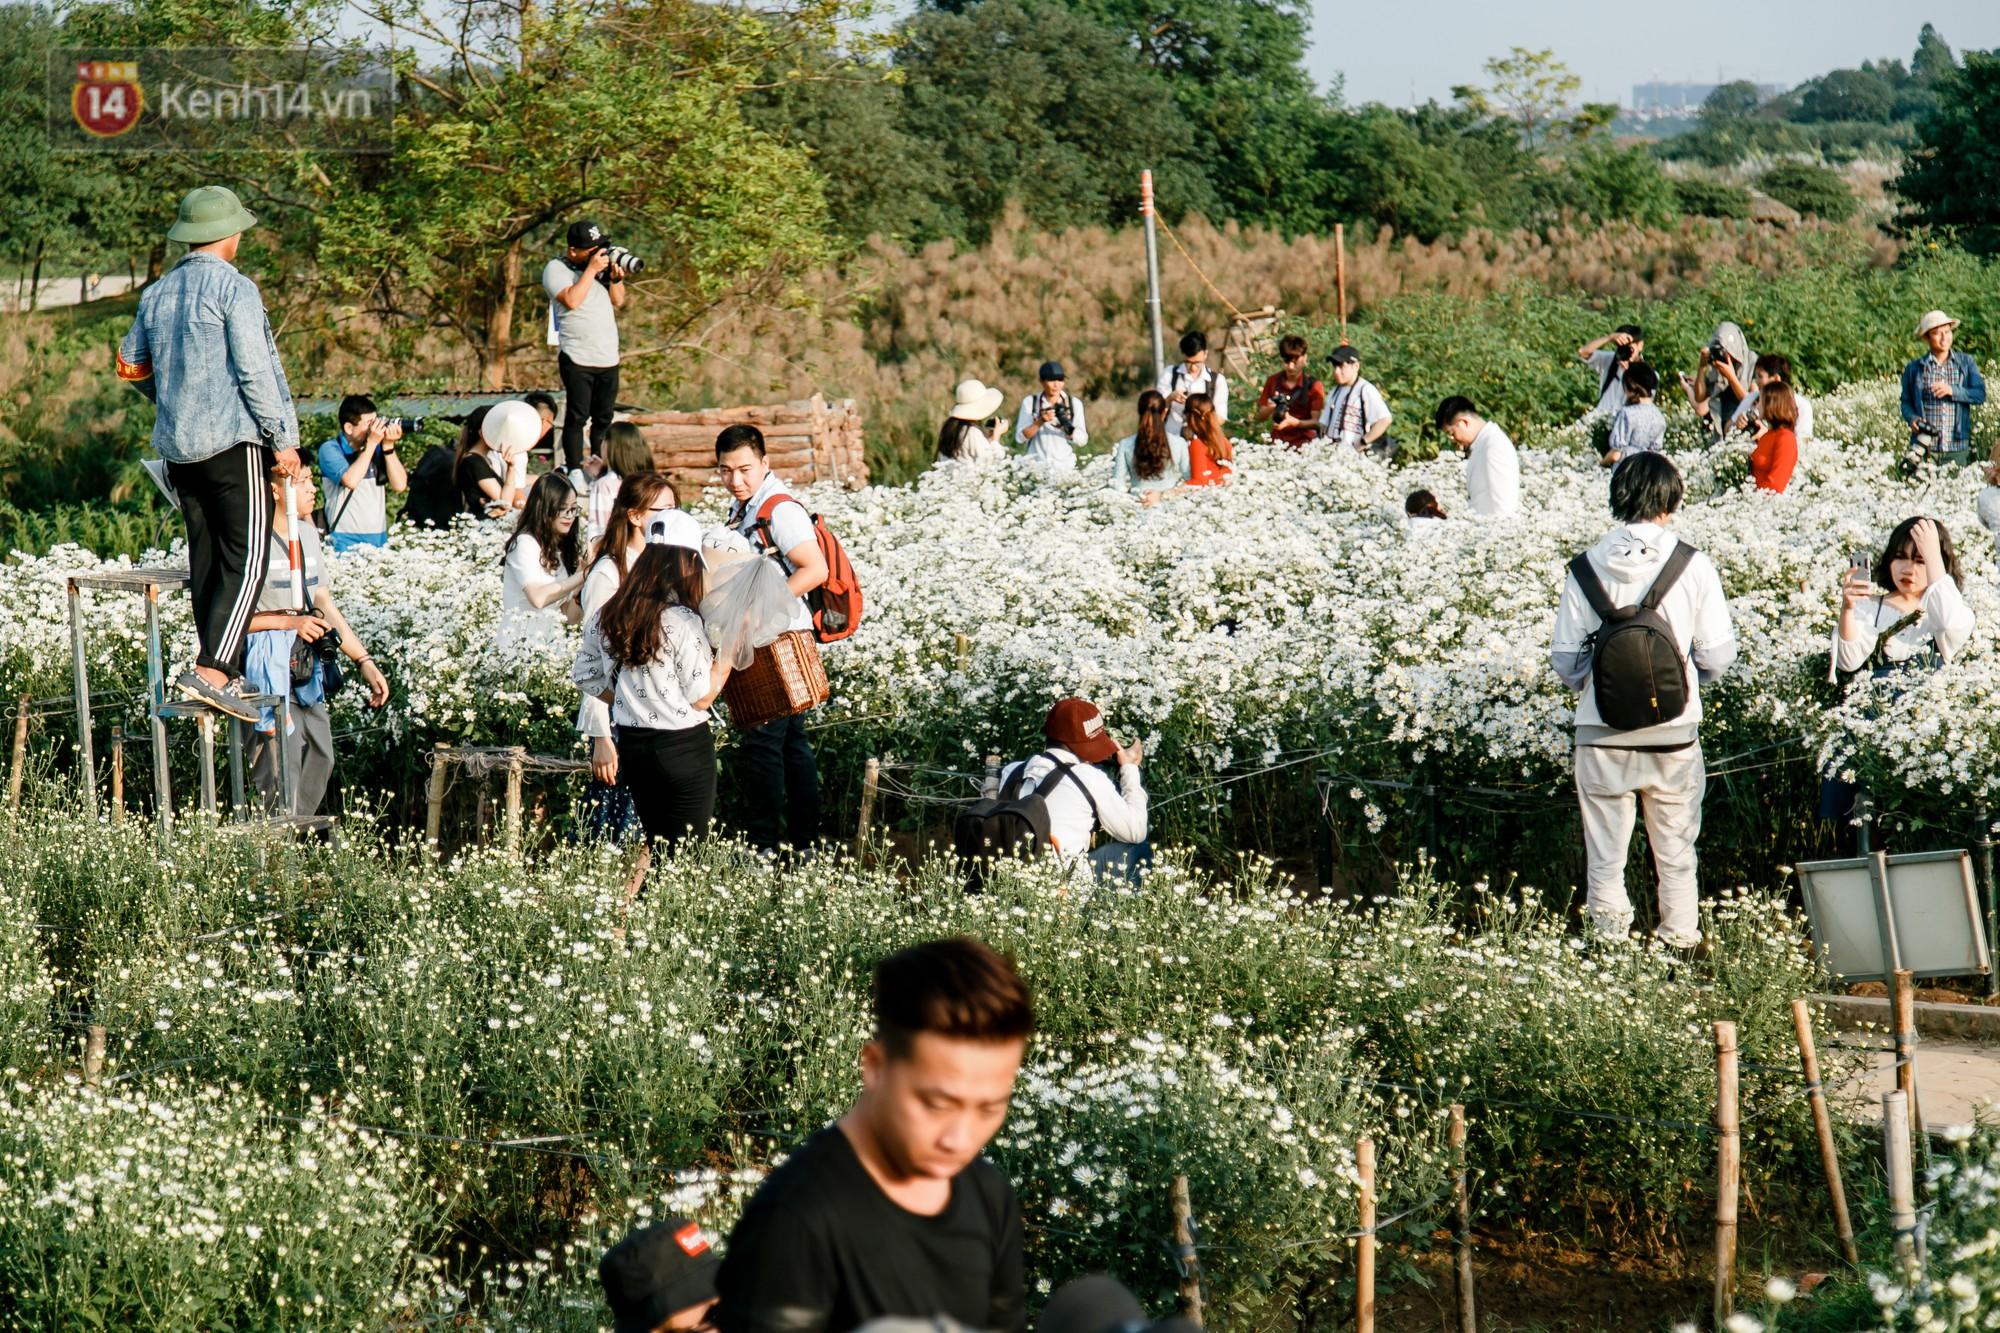 Vườn cúc hoạ mi ở Hà Nội 'thất thủ' cuối tuần: 1 mét vuông có chục nhiếp ảnh gia và mẫu 2